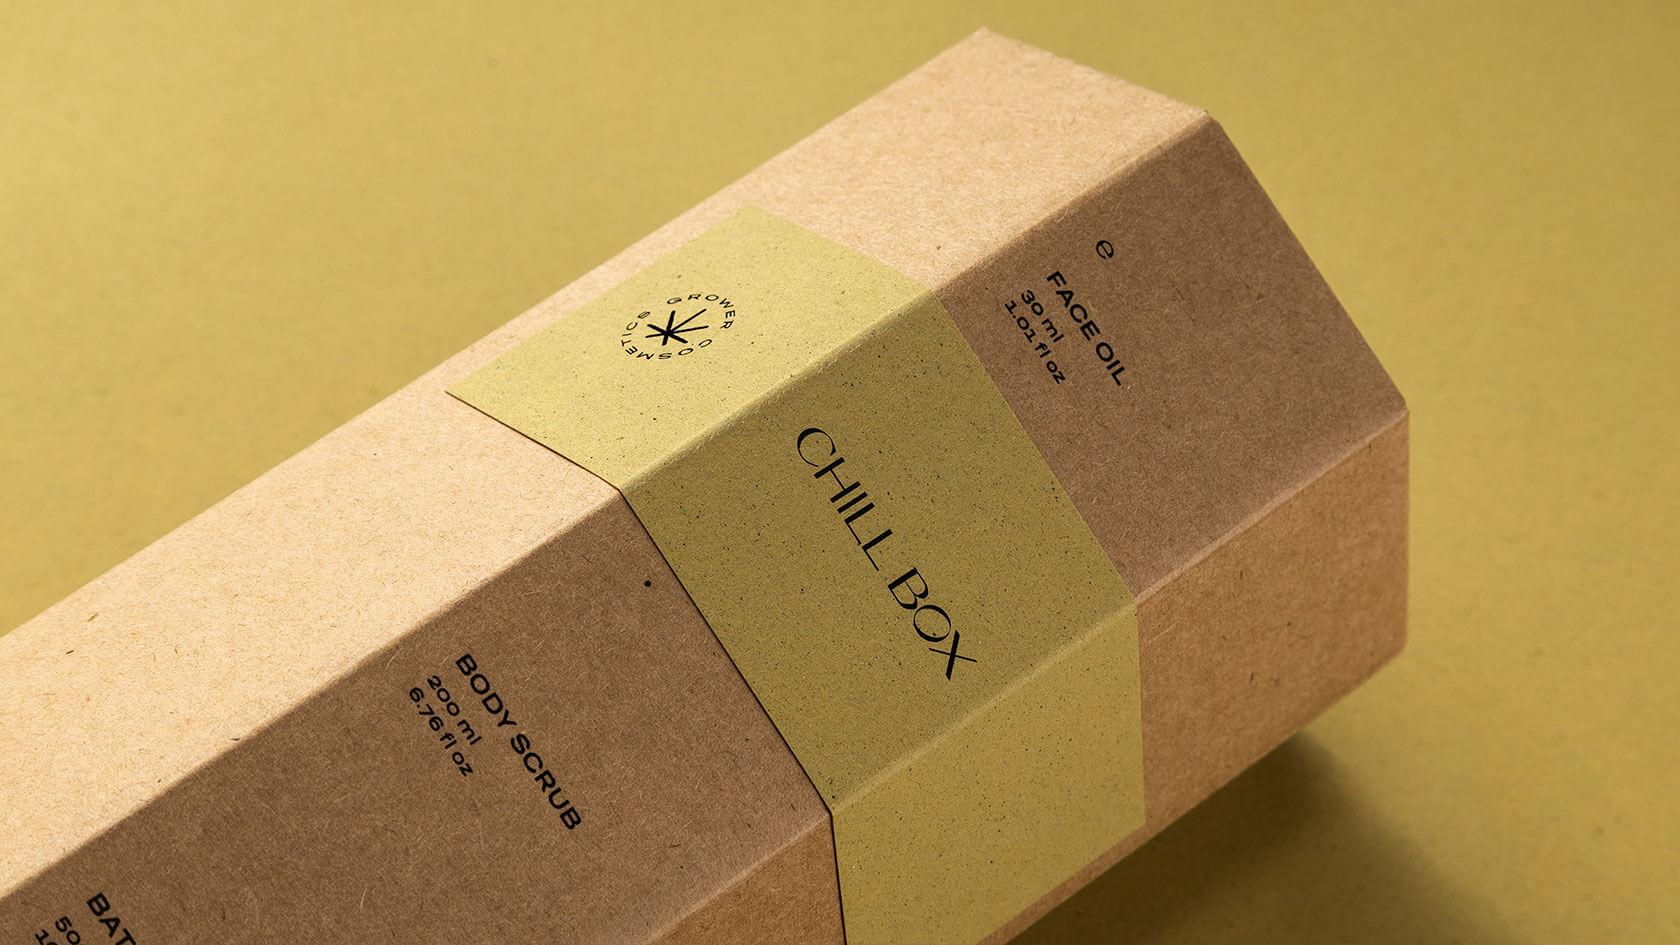 Подарочная упаковка эко-косметики на основе конопляного масла Гровер